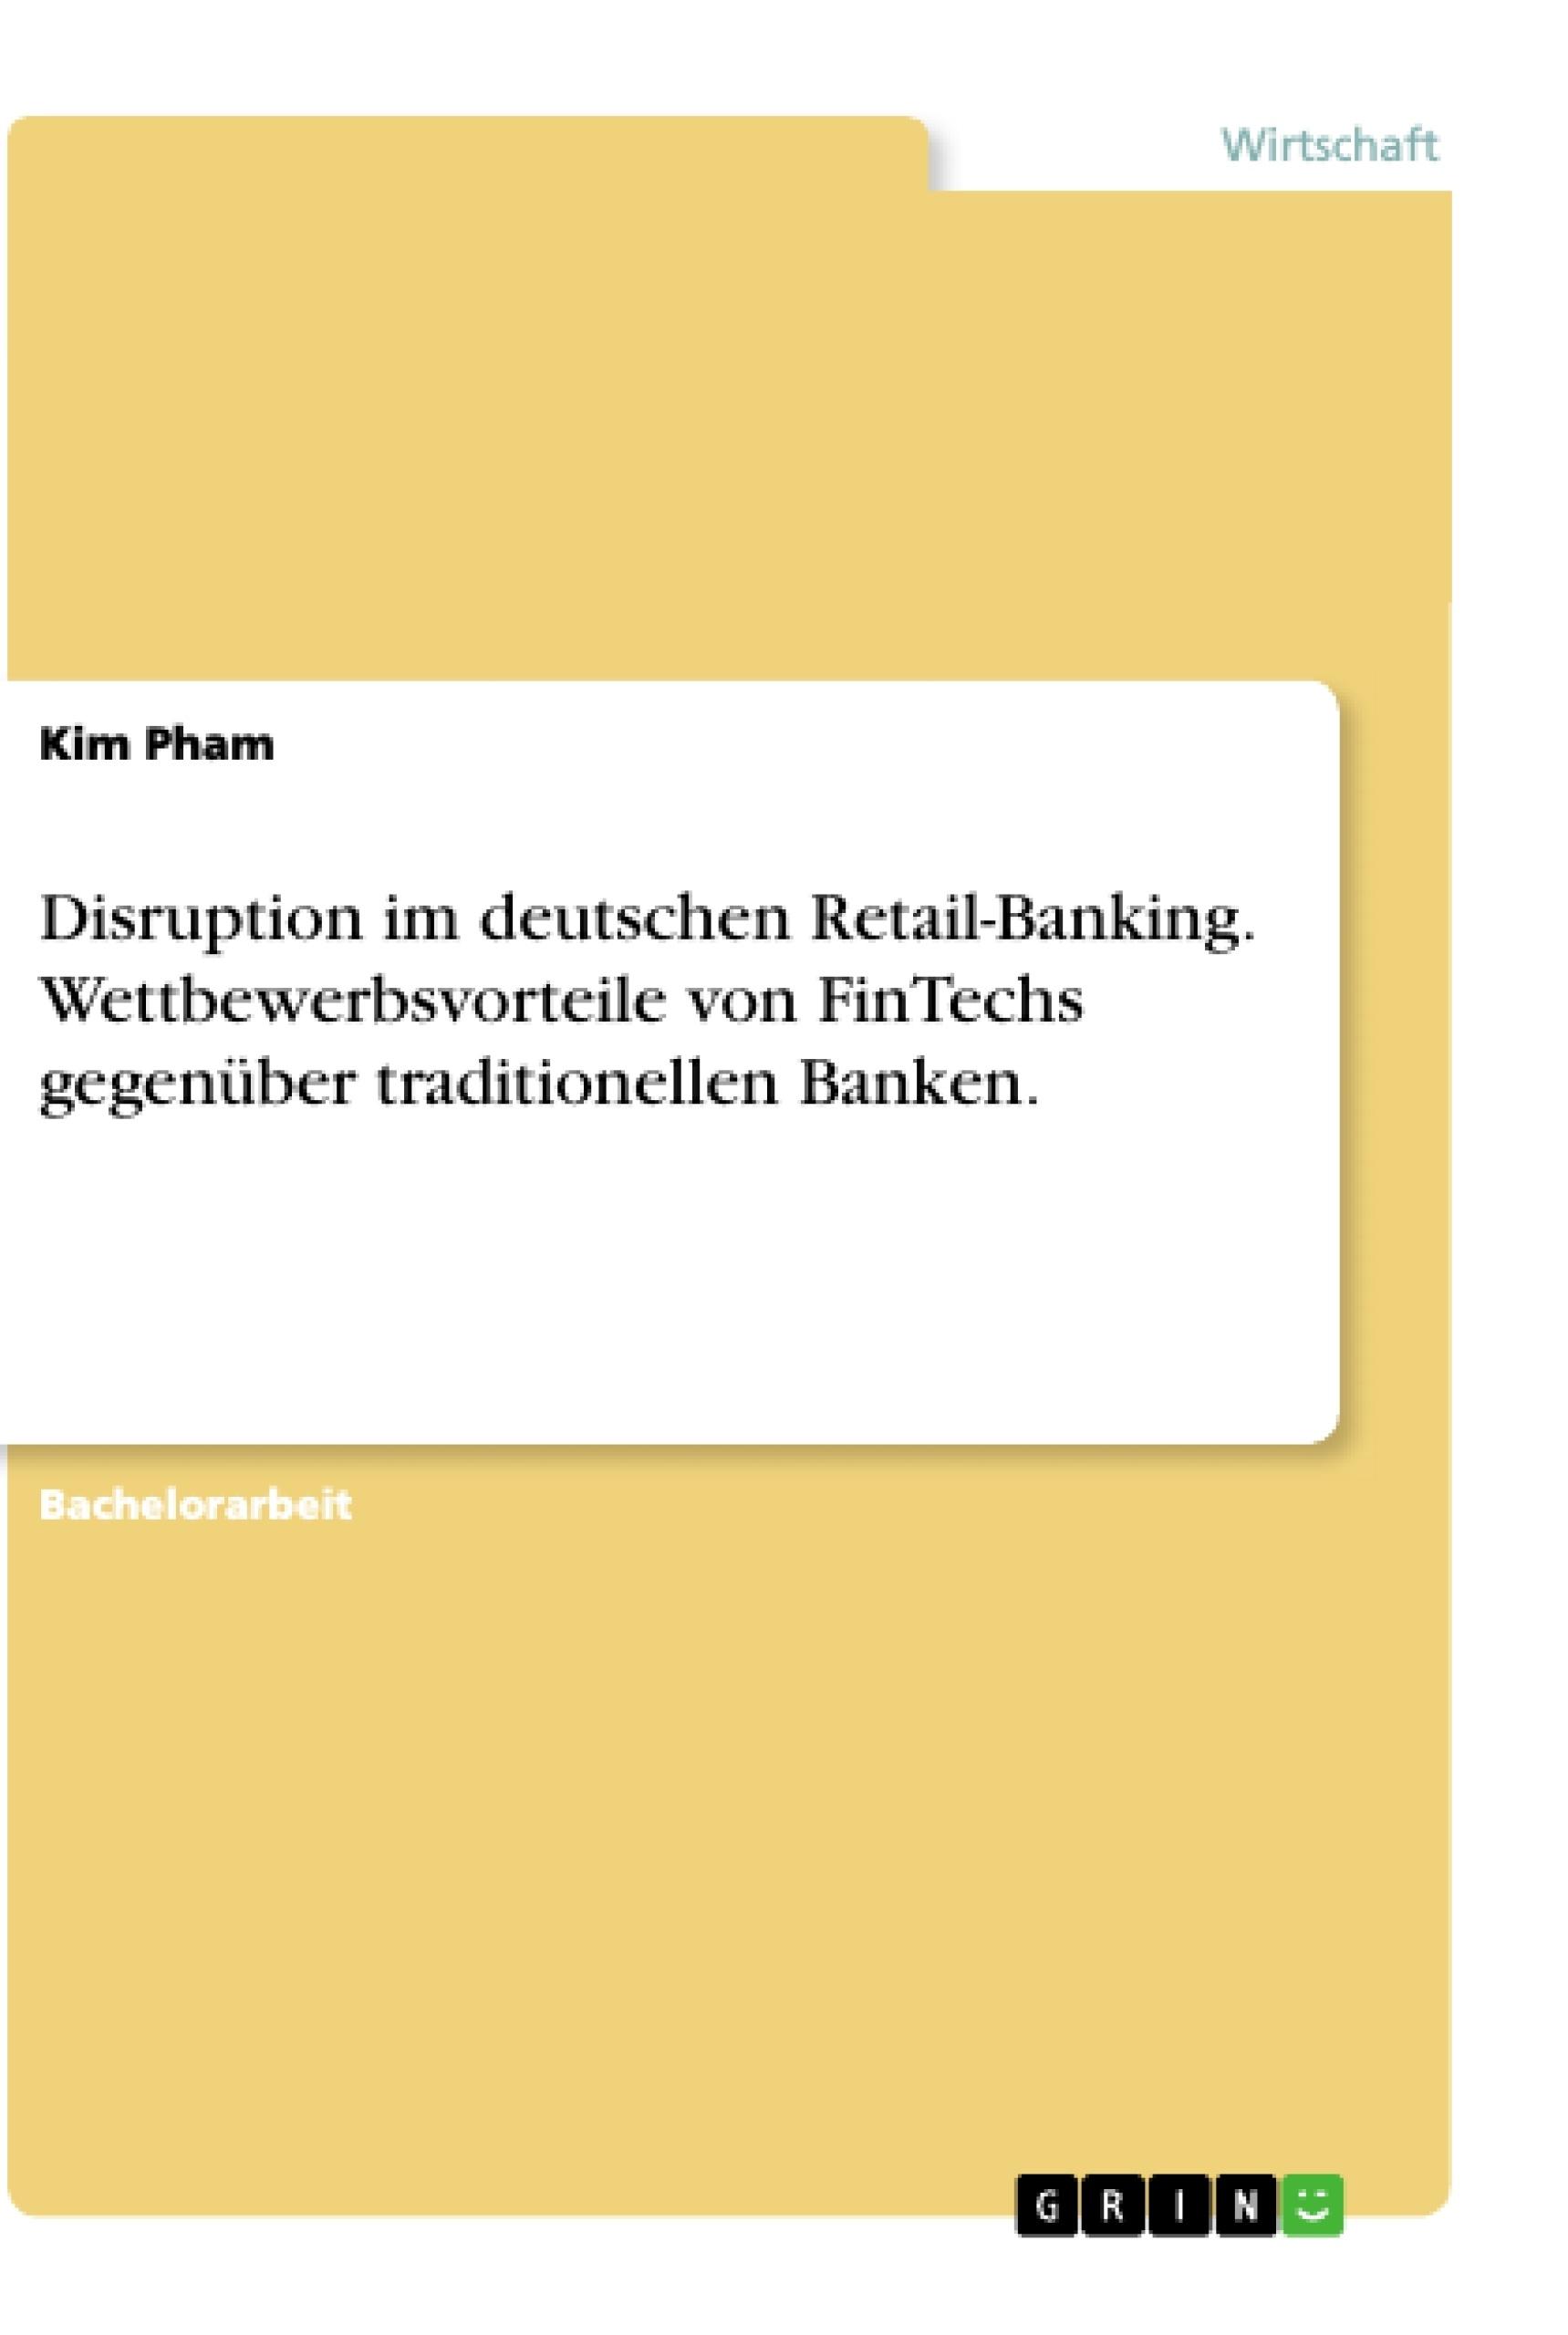 Titel: Disruption im deutschen Retail-Banking. Wettbewerbsvorteile von FinTechs gegenüber traditionellen Banken.